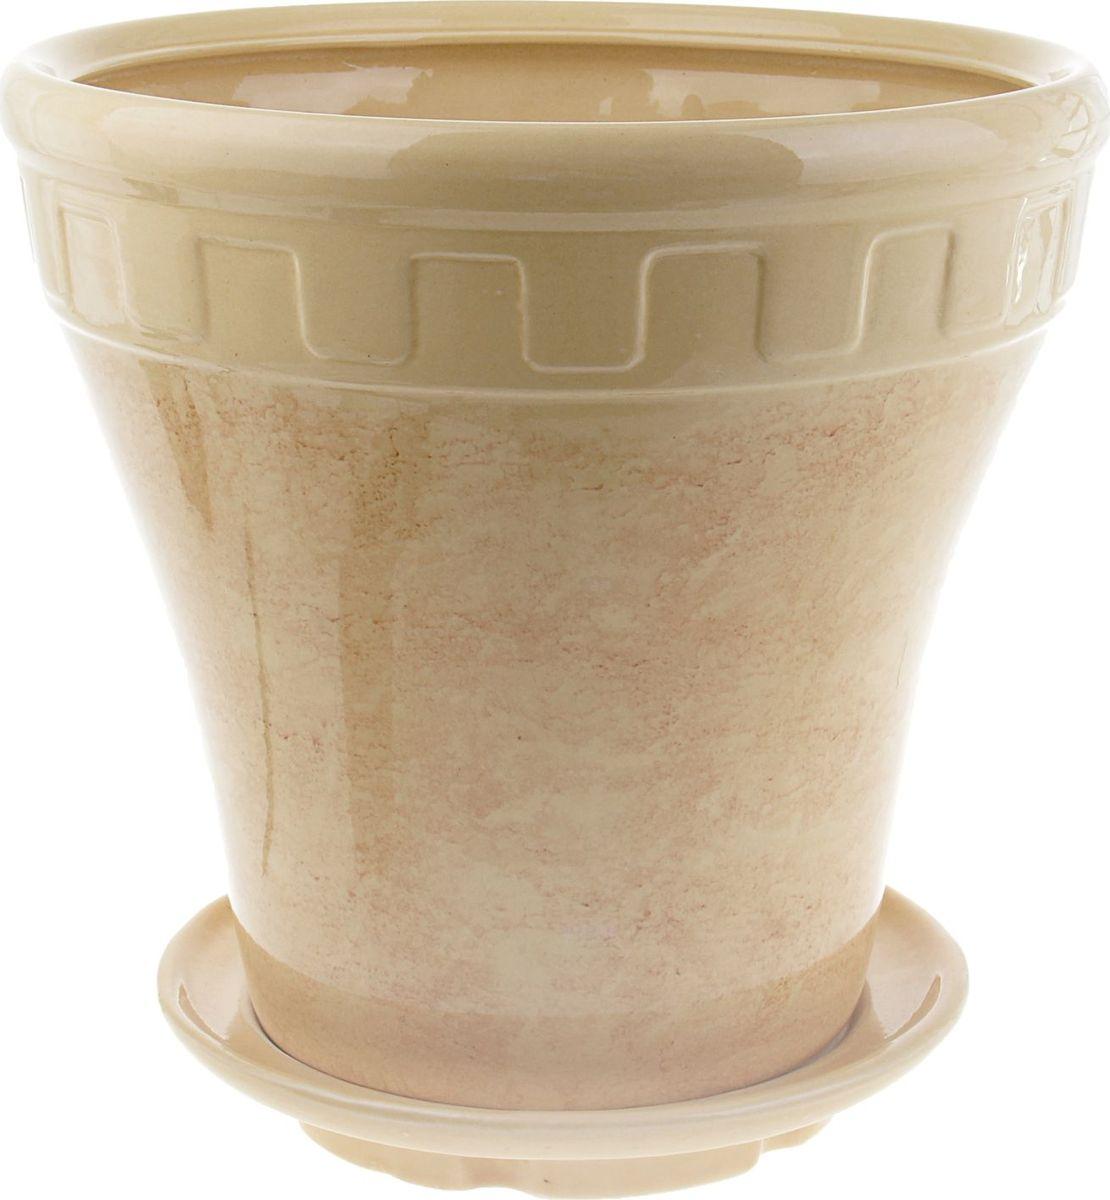 Кашпо Альфа, цвет: бежевый, 13 л840573Комнатные растения — всеобщие любимцы. Они радуют глаз, насыщают помещение кислородом и украшают пространство. Каждому из них необходим свой удобный и красивый дом. Кашпо из керамики прекрасно подходят для высадки растений: за счёт пластичности глины и разных способов обработки существует великое множество форм и дизайновпористый материал позволяет испаряться лишней влагевоздух, необходимый для дыхания корней, проникает сквозь керамические стенки! #name# позаботится о зелёном питомце, освежит интерьер и подчеркнёт его стиль.